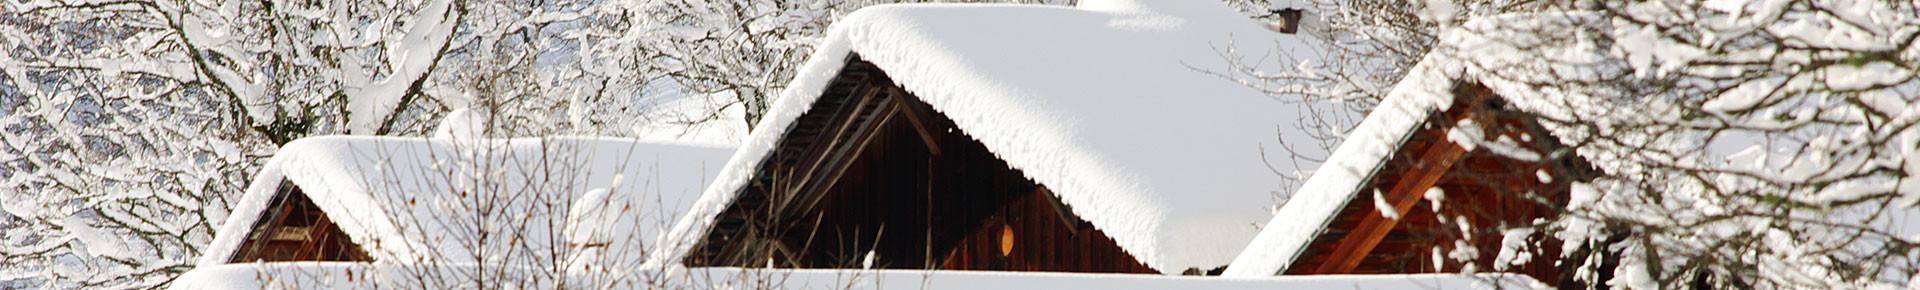 Chalets sous la neige, Vallée d'Aulps